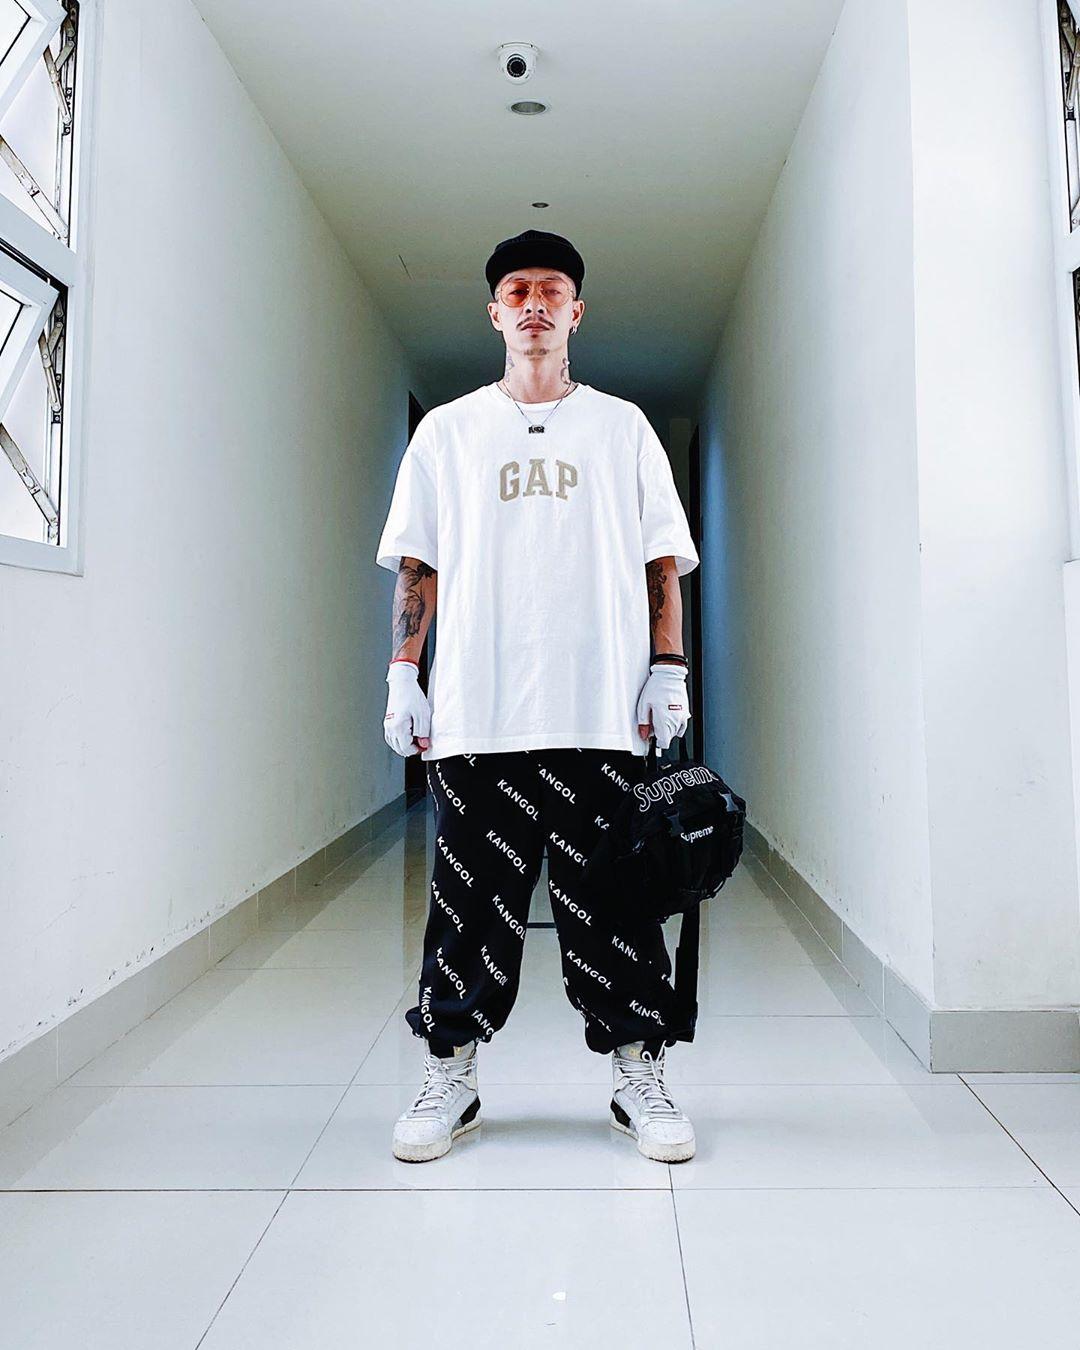 việt max mặc trang phục màu đen trắng